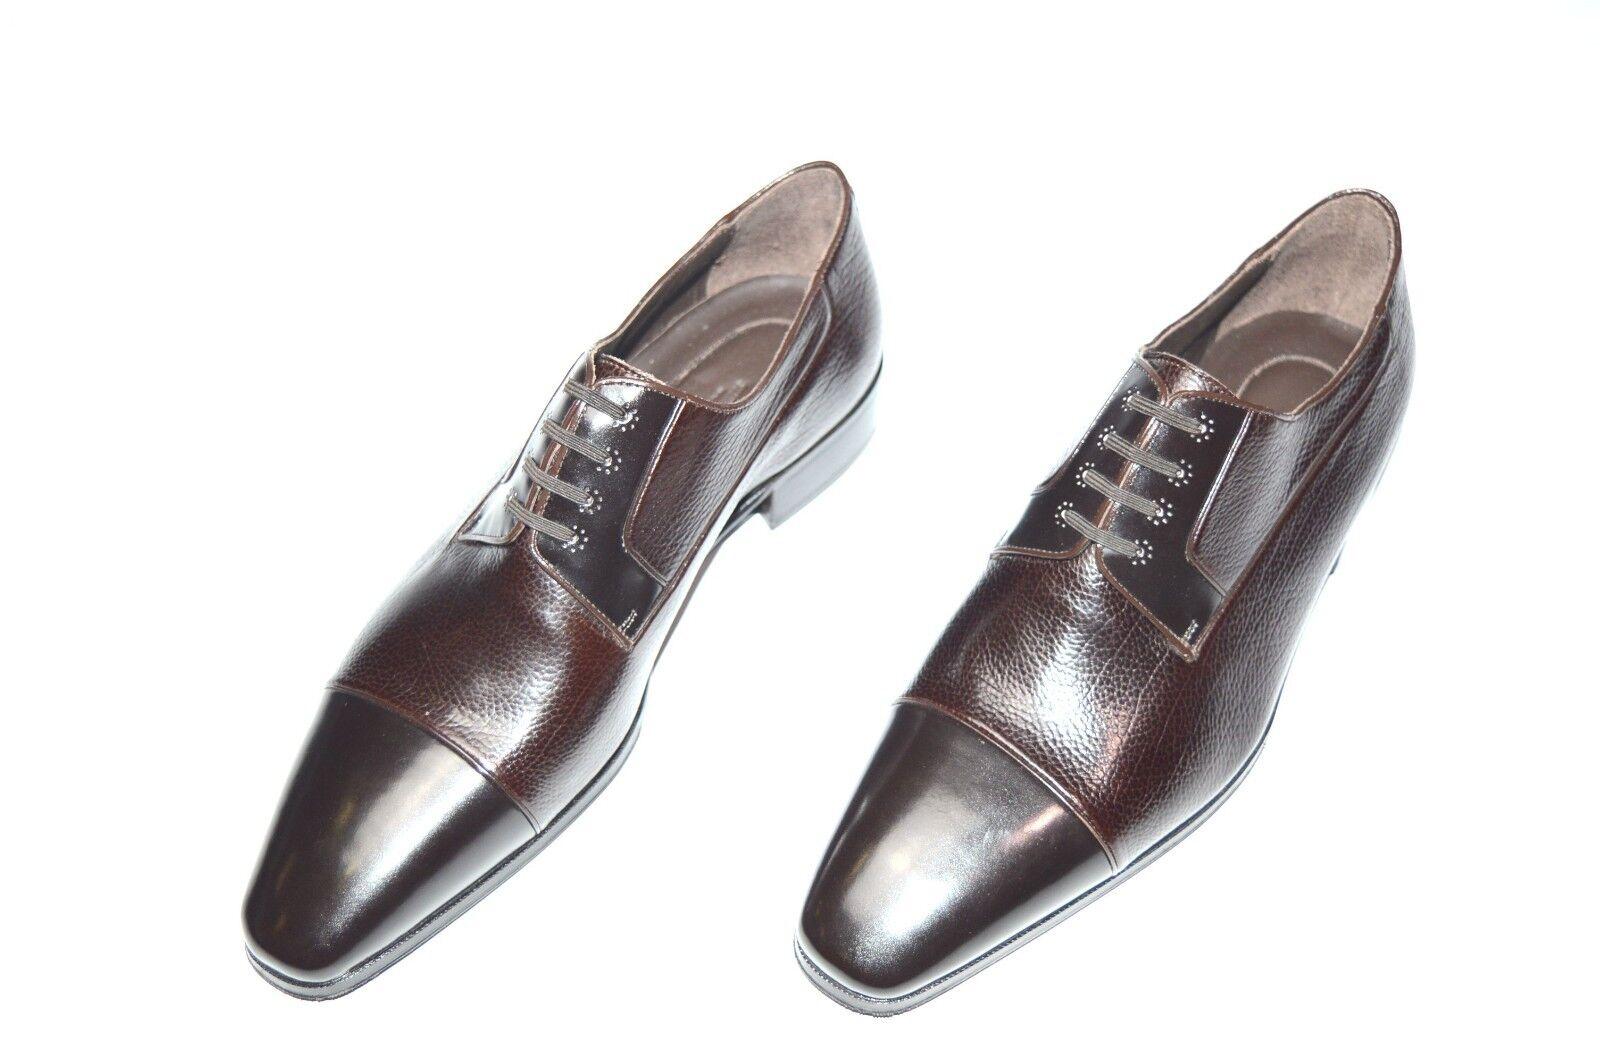 NEW STEFANO RICCI Leather  Luxury Shoes Size Eu 42 Uk 8 Us 9 (Cod S714)